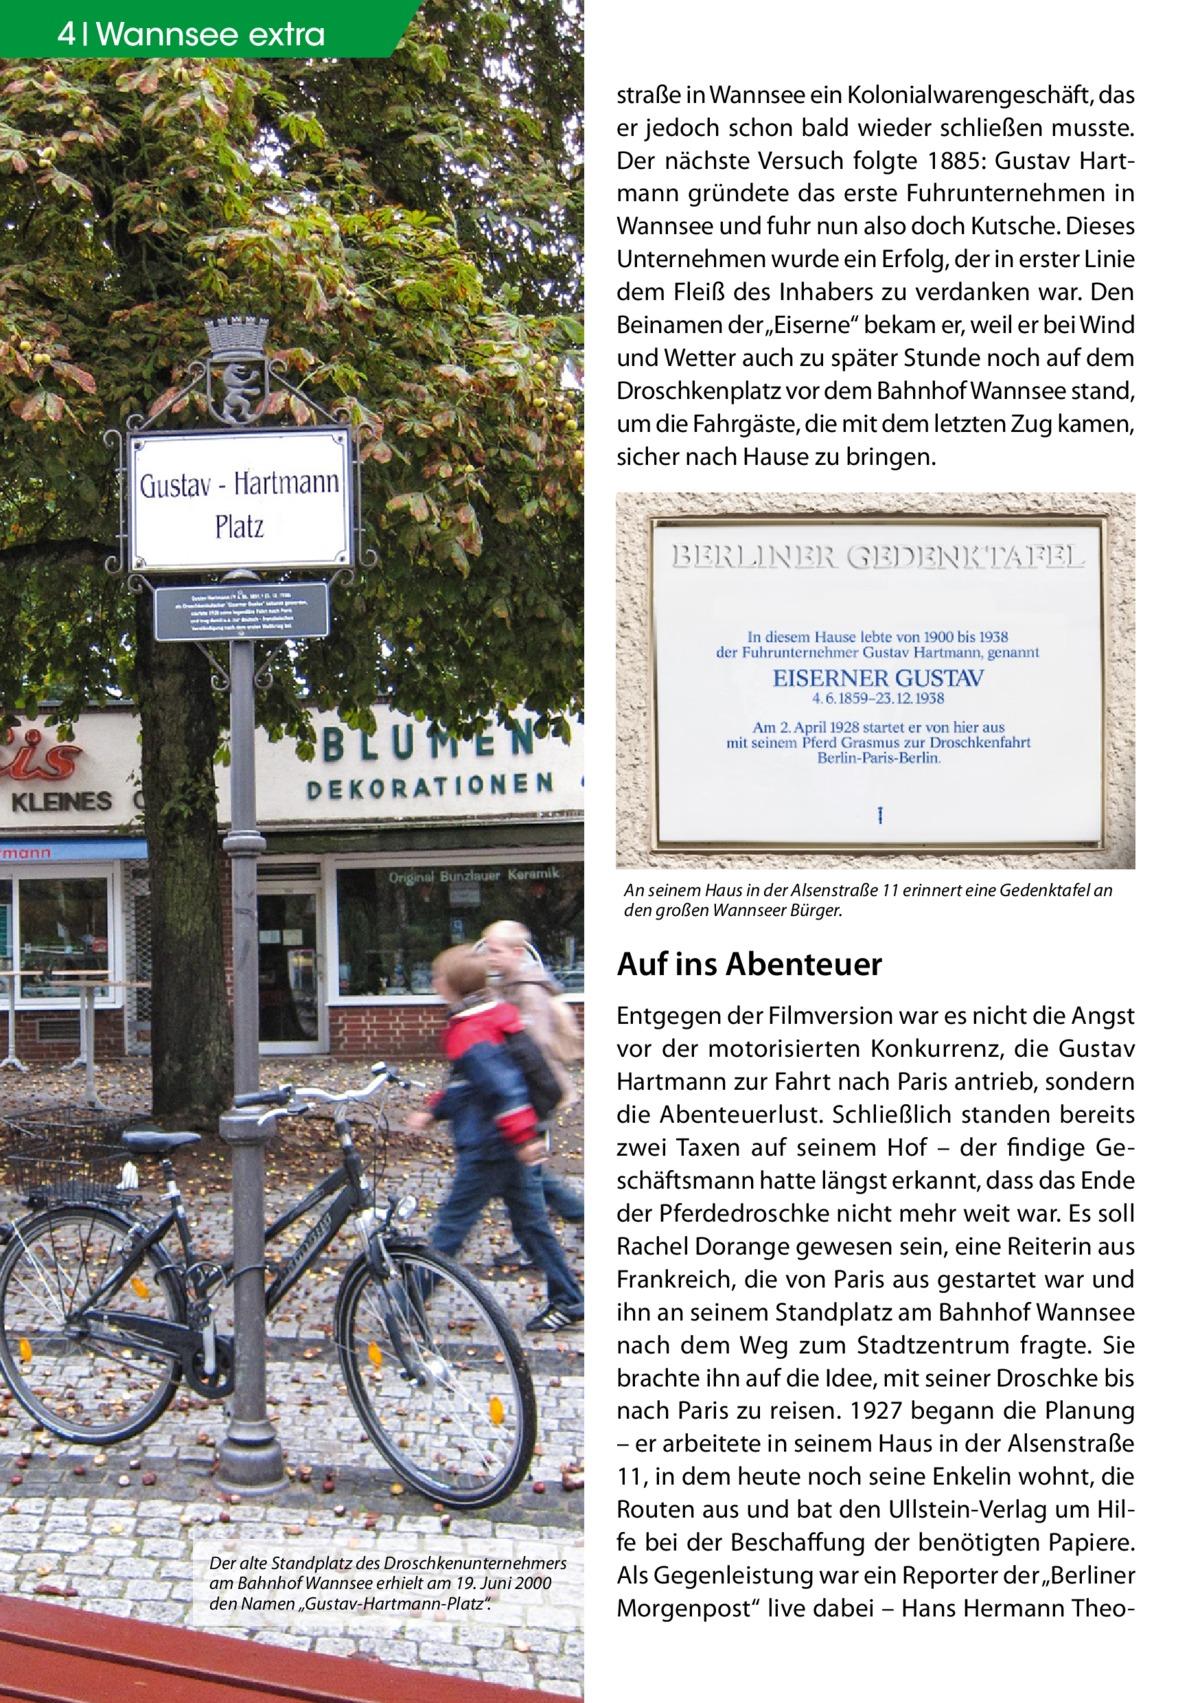 """4 Geschichte Wannsee extra straße in Wannsee ein Kolonialwarengeschäft, das er jedoch schon bald wieder schließen musste. Der nächste Versuch folgte 1885: Gustav Hartmann gründete das erste Fuhrunternehmen in Wannsee und fuhr nun also doch Kutsche. Dieses Unternehmen wurde ein Erfolg, der in erster Linie dem Fleiß des Inhabers zu verdanken war. Den Beinamen der """"Eiserne"""" bekam er, weil er bei Wind und Wetter auch zu später Stunde noch auf dem Droschkenplatz vor dem Bahnhof Wannsee stand, um die Fahrgäste, die mit dem letzten Zug kamen, sicher nach Hause zu bringen.  An seinem Haus in der Alsenstraße 11 erinnert eine Gedenktafel an den großen Wannseer Bürger.  Auf ins Abenteuer  Der alte Standplatz des Droschkenunternehmers am Bahnhof Wannsee erhielt am 19. Juni 2000 den Namen """"Gustav-Hartmann-Platz"""".  Entgegen der Filmversion war es nicht die Angst vor der motorisierten Konkurrenz, die Gustav Hartmann zur Fahrt nach Paris antrieb, sondern die Abenteuerlust. Schließlich standen bereits zwei Taxen auf seinem Hof – der findige Geschäftsmann hatte längst erkannt, dass das Ende der Pferdedroschke nicht mehr weit war. Es soll Rachel Dorange gewesen sein, eine Reiterin aus Frankreich, die von Paris aus gestartet war und ihn an seinem Standplatz am Bahnhof Wannsee nach dem Weg zum Stadtzentrum fragte. Sie brachte ihn auf die Idee, mit seiner Droschke bis nach Paris zu reisen. 1927 begann die Planung – er arbeitete in seinem Haus in der Alsenstraße 11, in dem heute noch seine Enkelin wohnt, die Routen aus und bat den Ullstein-Verlag um Hilfe bei der Beschaffung der benötigten Papiere. Als Gegenleistung war ein Reporter der """"Berliner Morgenpost"""" live dabei – Hans Hermann The"""